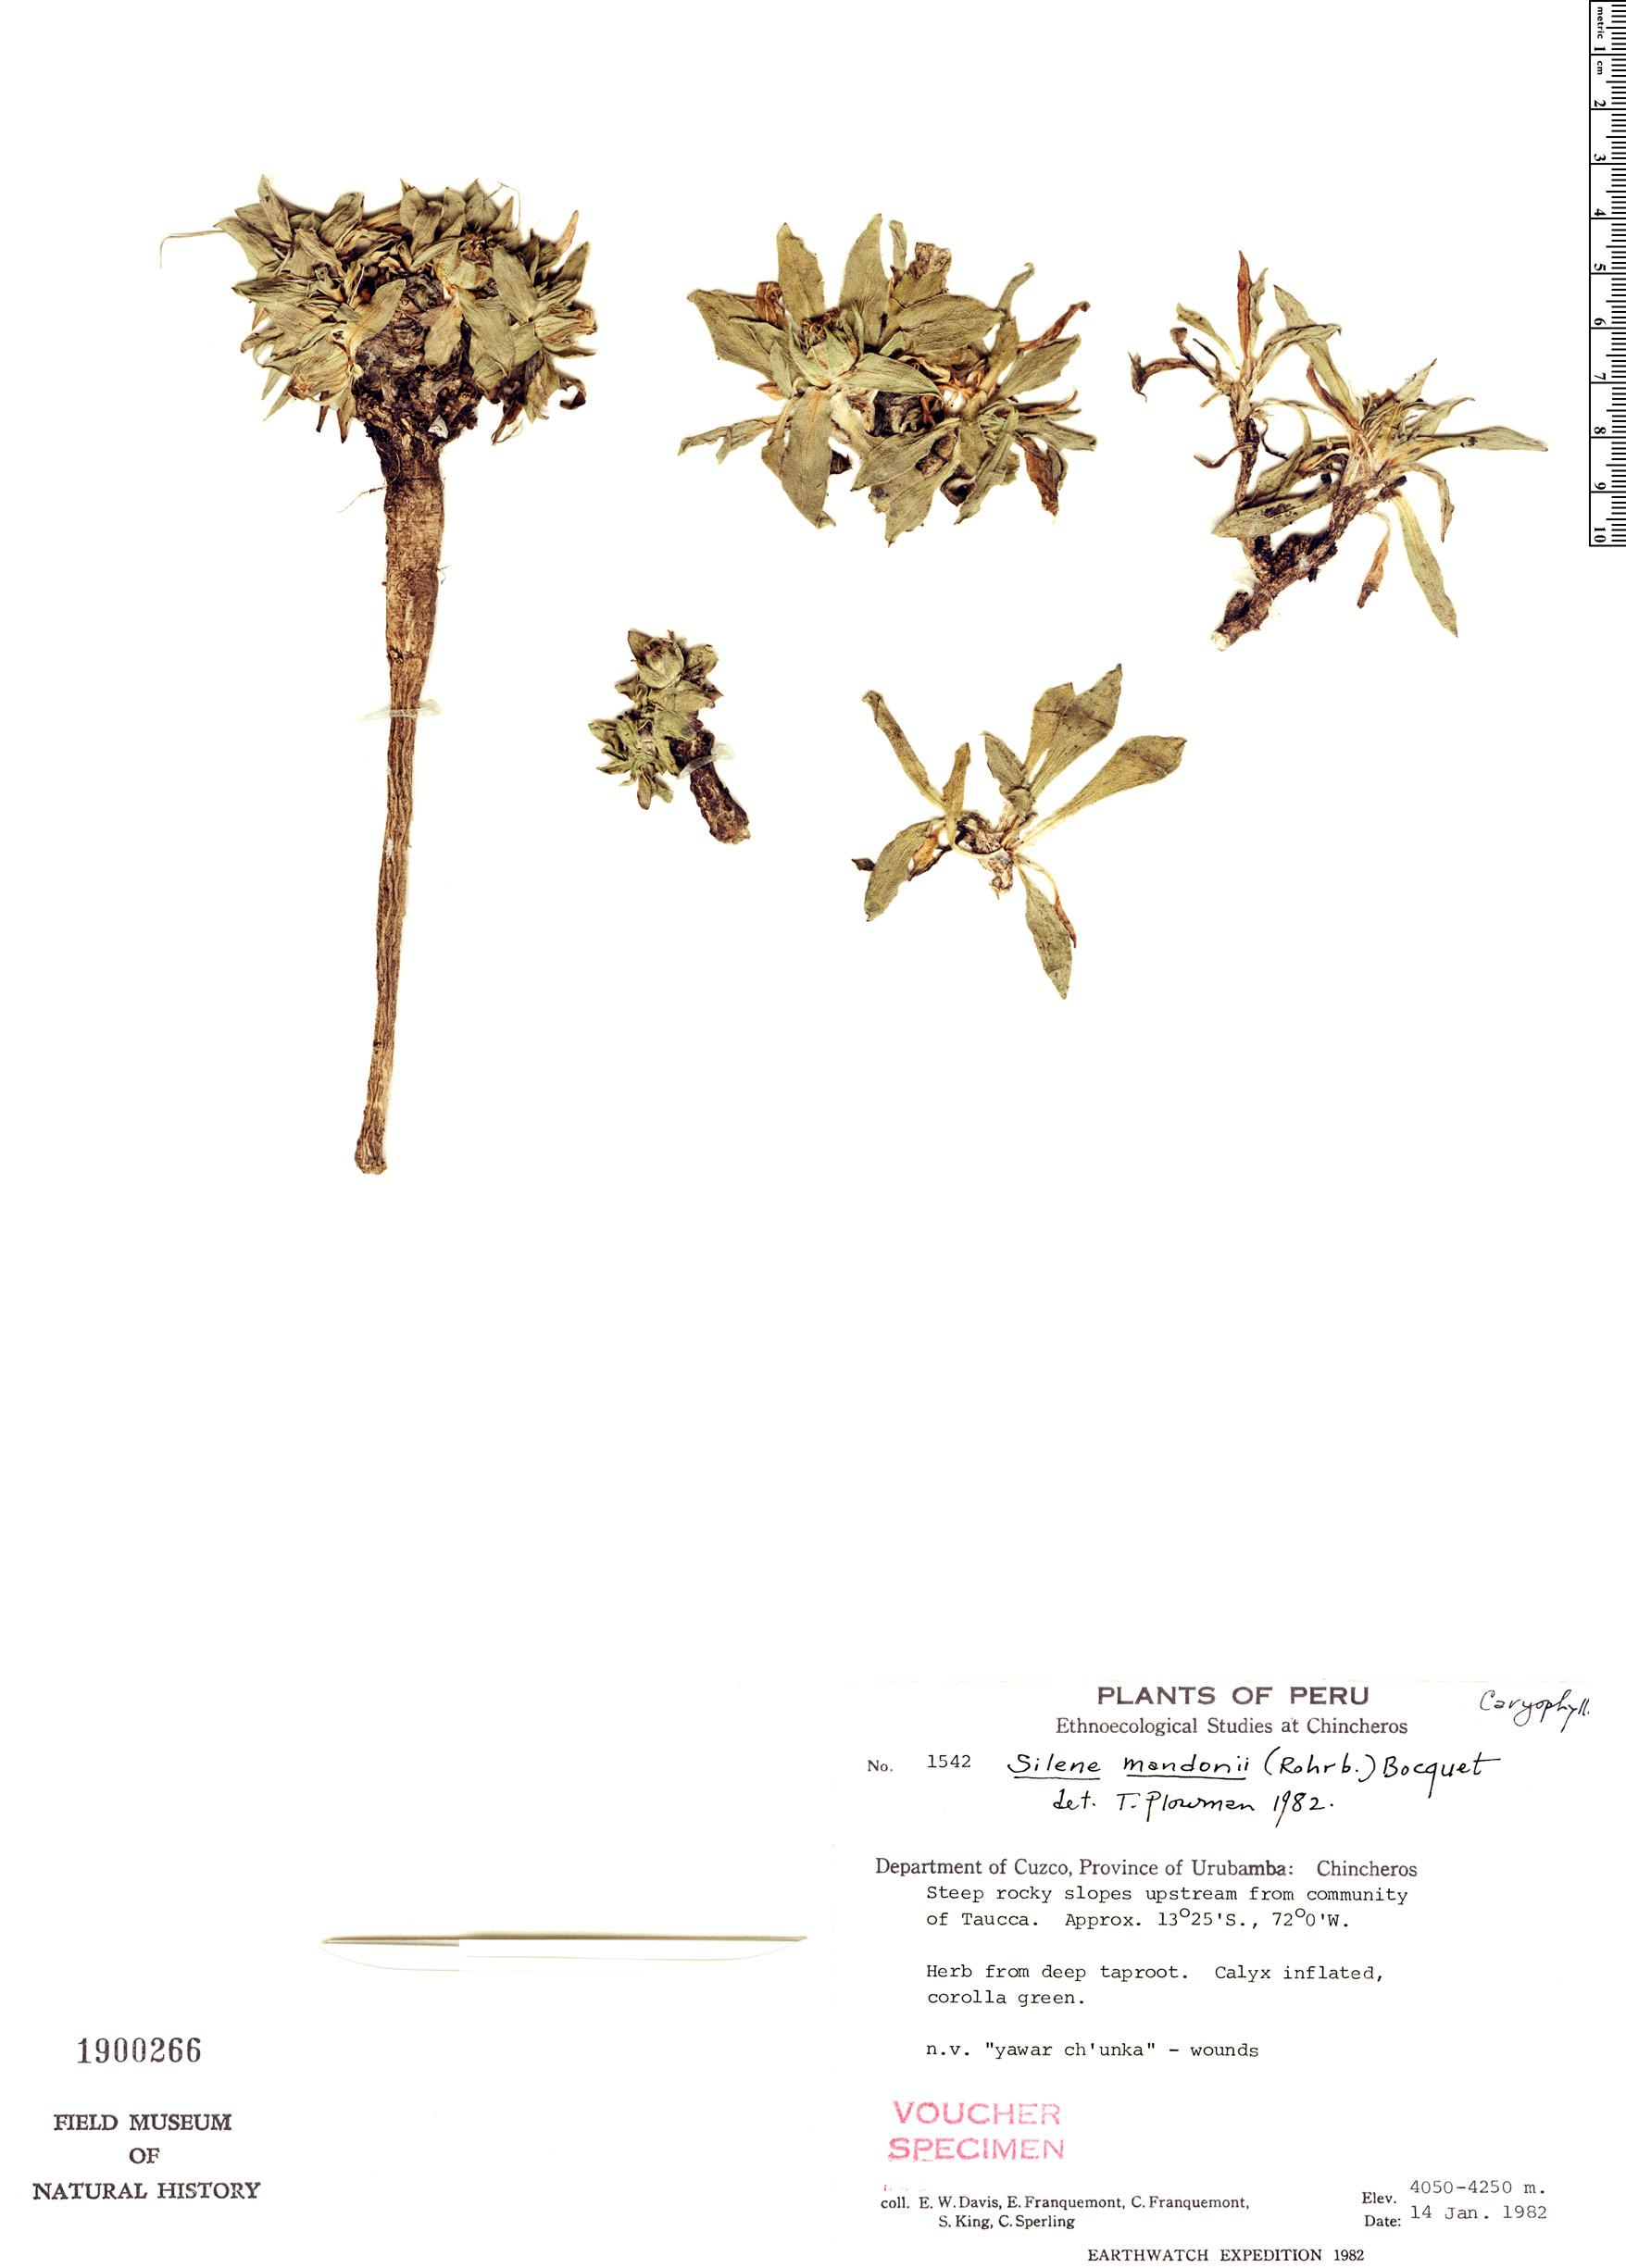 Specimen: Silene mandonii